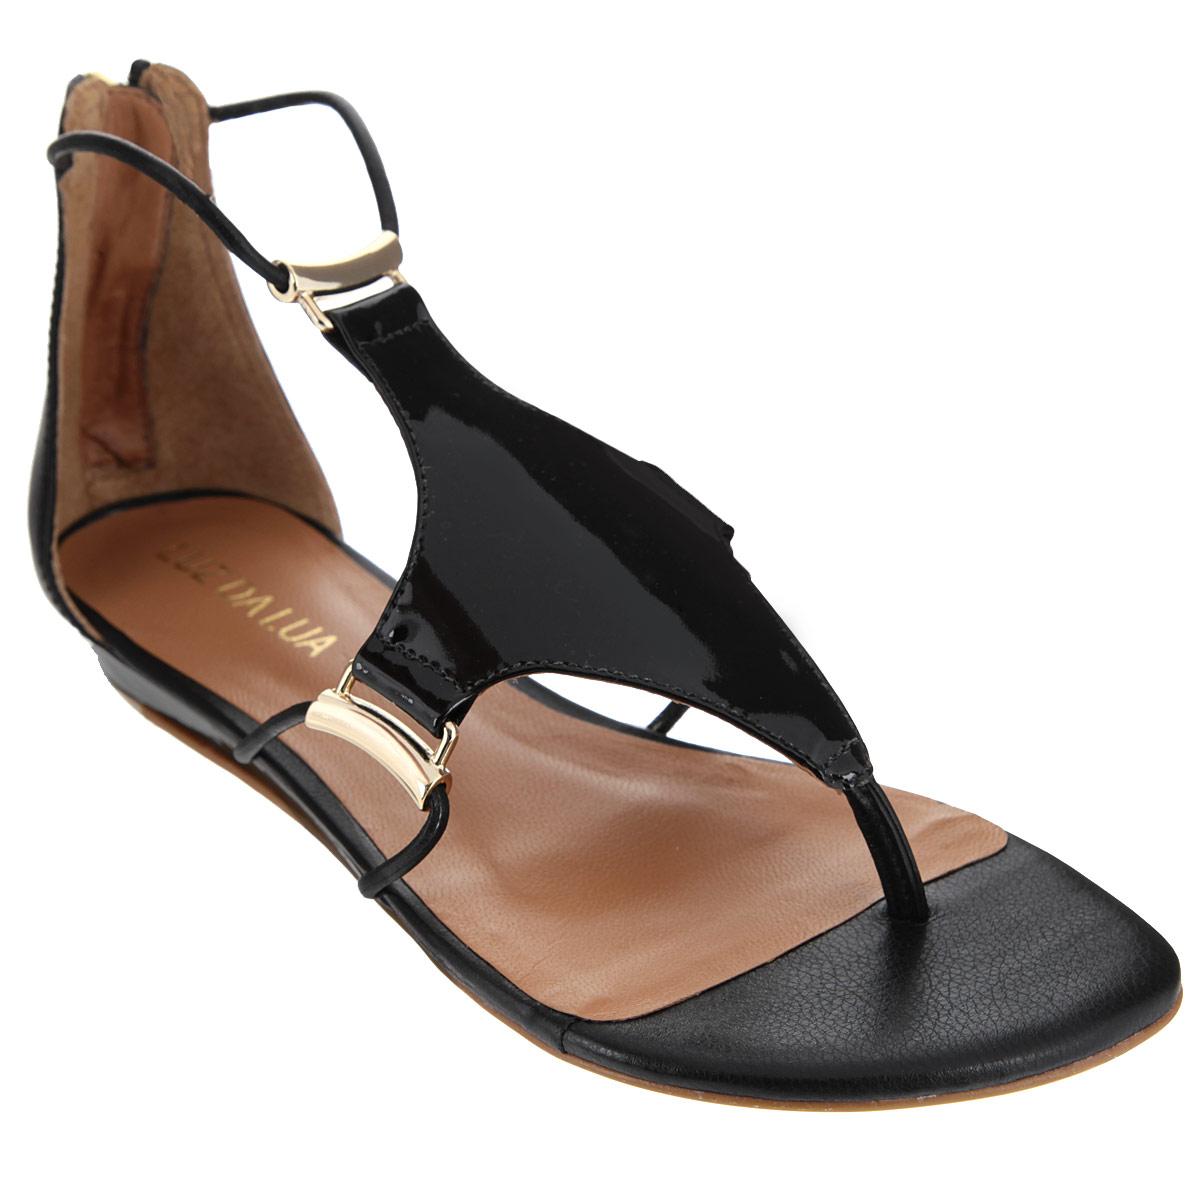 Сандалии женские Luz Da Lua, цвет: черный. S56201V15. Размер BRA 35 (36)S56201V15Оригинальные сандалии от Luz Da Lua заинтересуют вас своим дизайном. Сандалии выполнены из натуральной лакированной кожи. Изюминка модели - накладка, расположенная на подъеме, которая крепится к изделию при помощи тонких ремешков, пропущенных через оригинальную металлическую фурнитуру. Закрытый задник, дополненный удобной застежкой-молнией, и перемычка между пальцами отвечают за надежную фиксацию модели на ноге. Стелька из натуральной кожи обеспечивает комфорт при ходьбе. Невысокая танкетка устойчива. Минимальной высоты каблук и подошва дополнены противоскользящим рифлением.Стильные сандалии внесут элегантные нотки в ваш летний наряд.